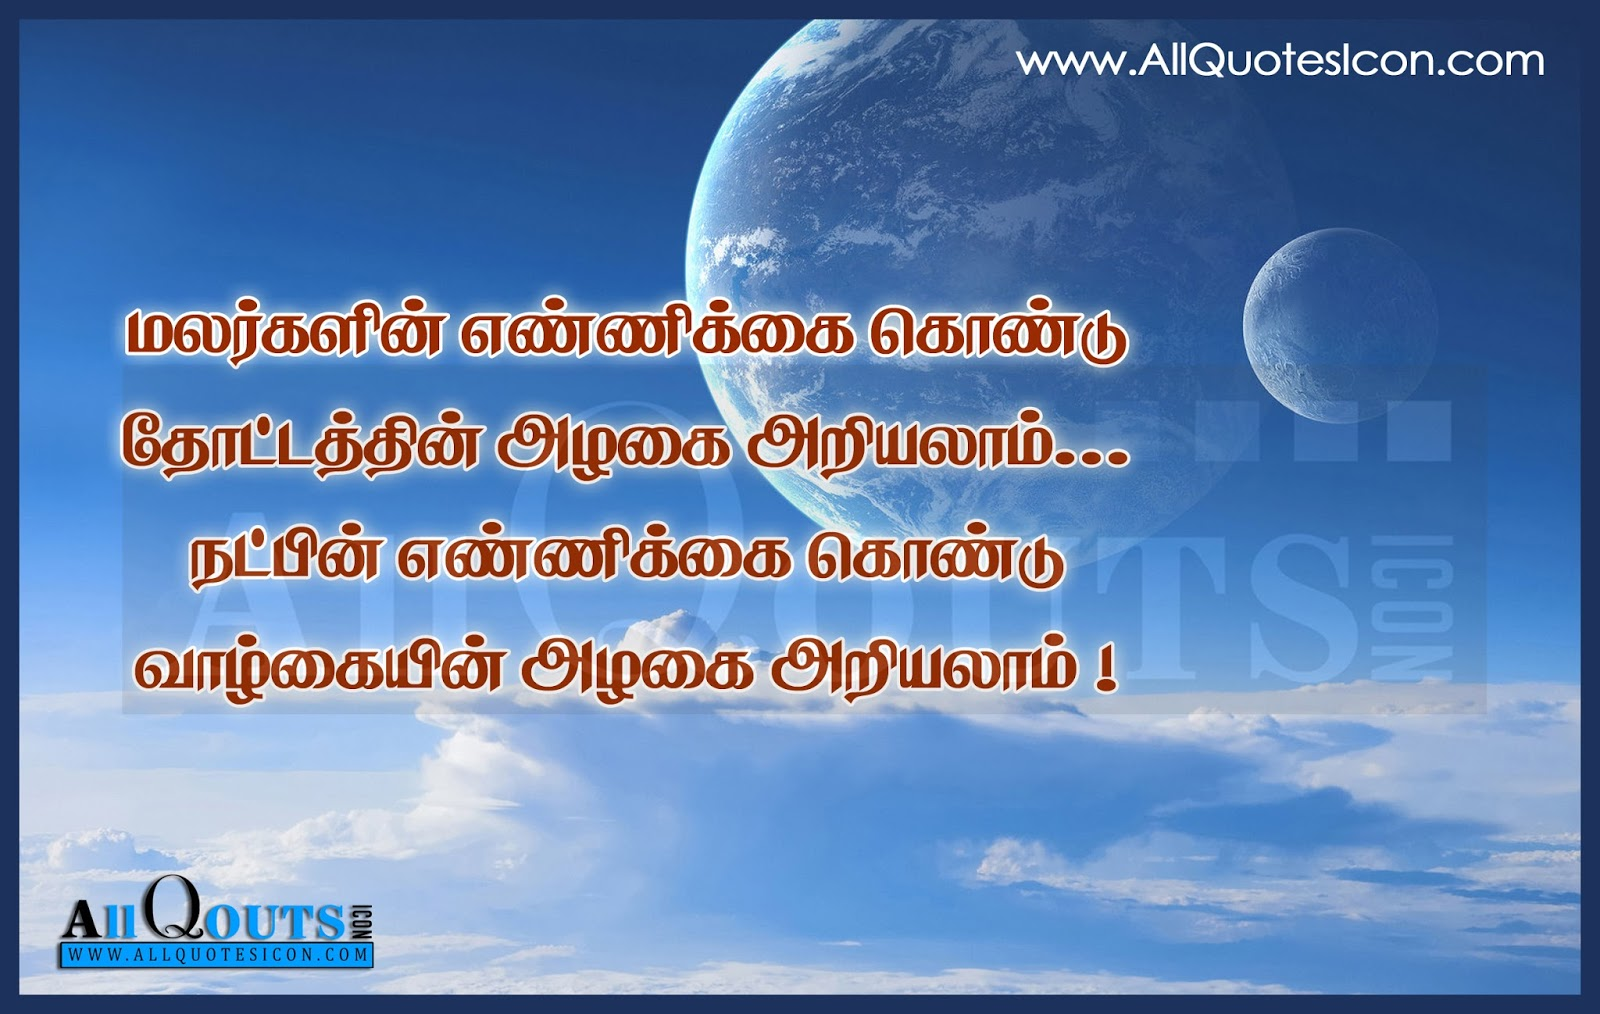 tamilfriends